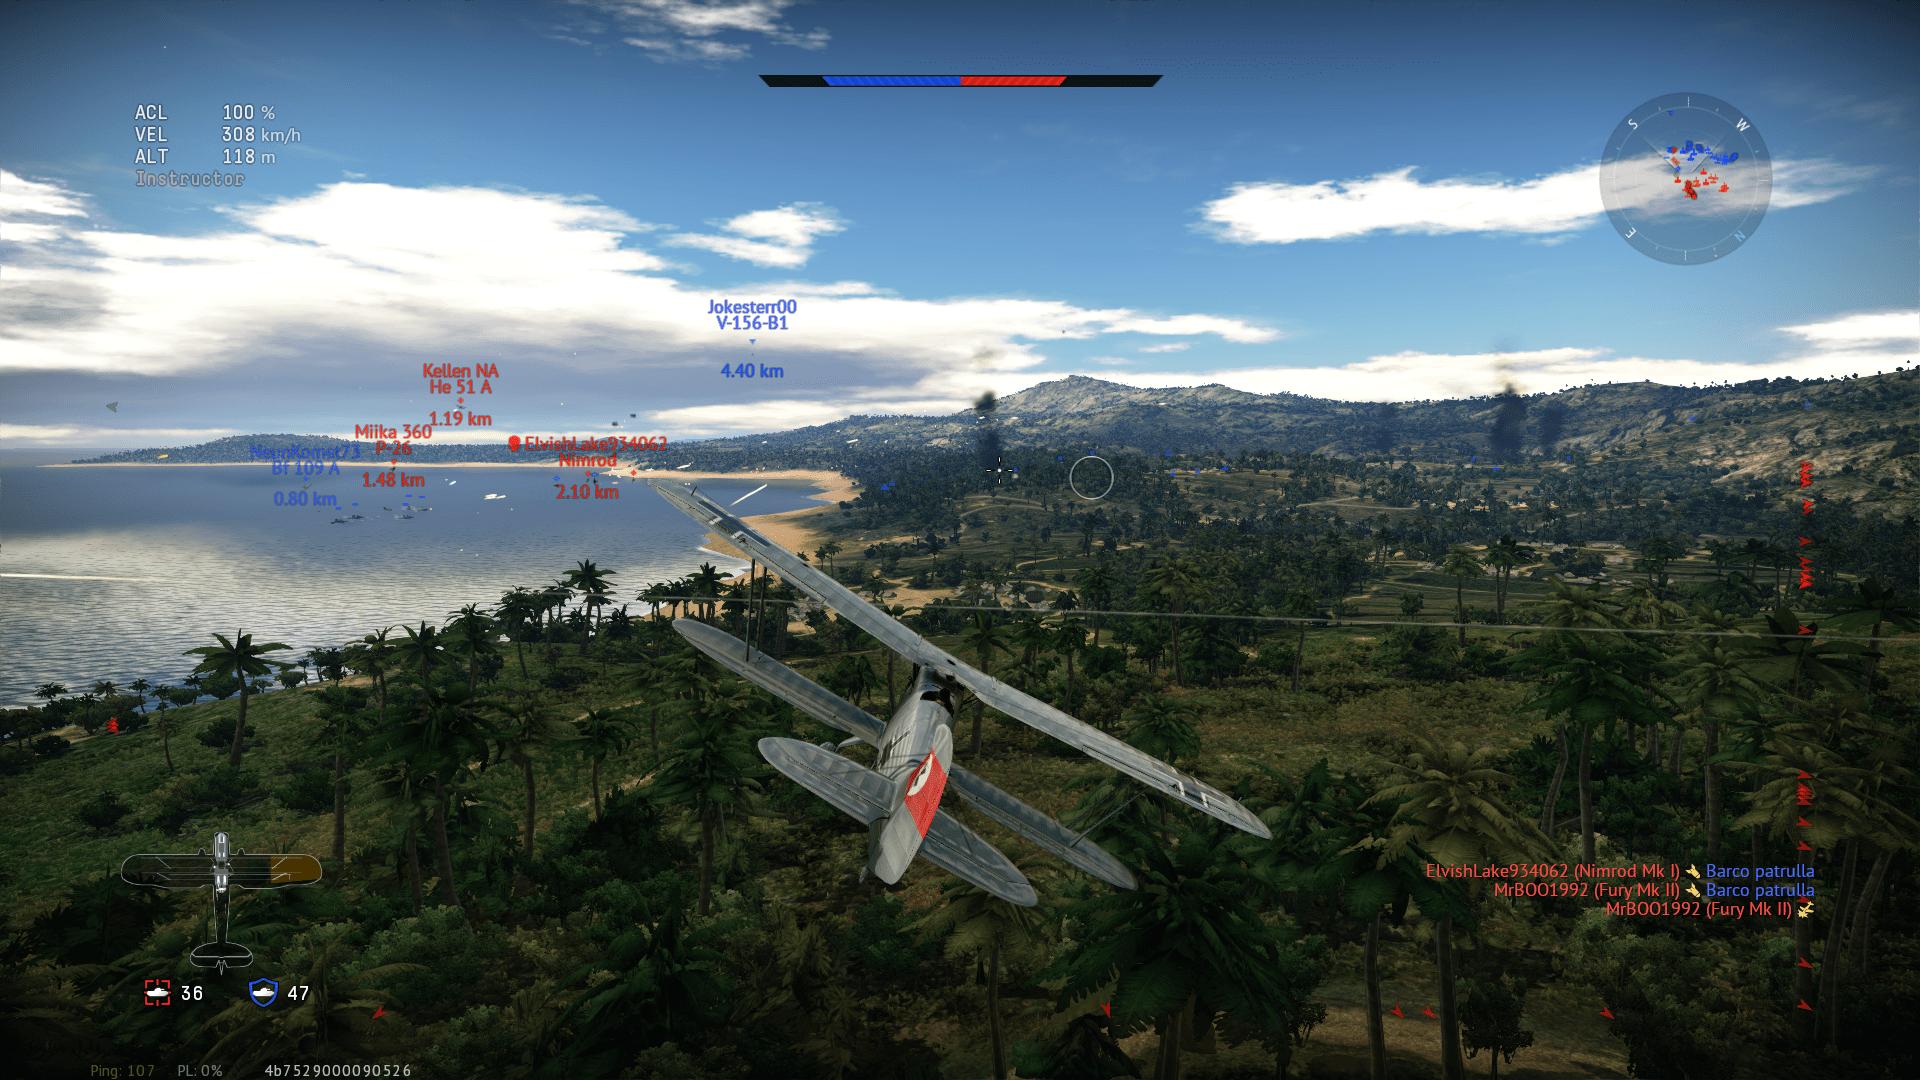 Análisis de War Thunder - Analizamos uno de los juegos bélicos para Xbox One, War Thunder ya está disponible.